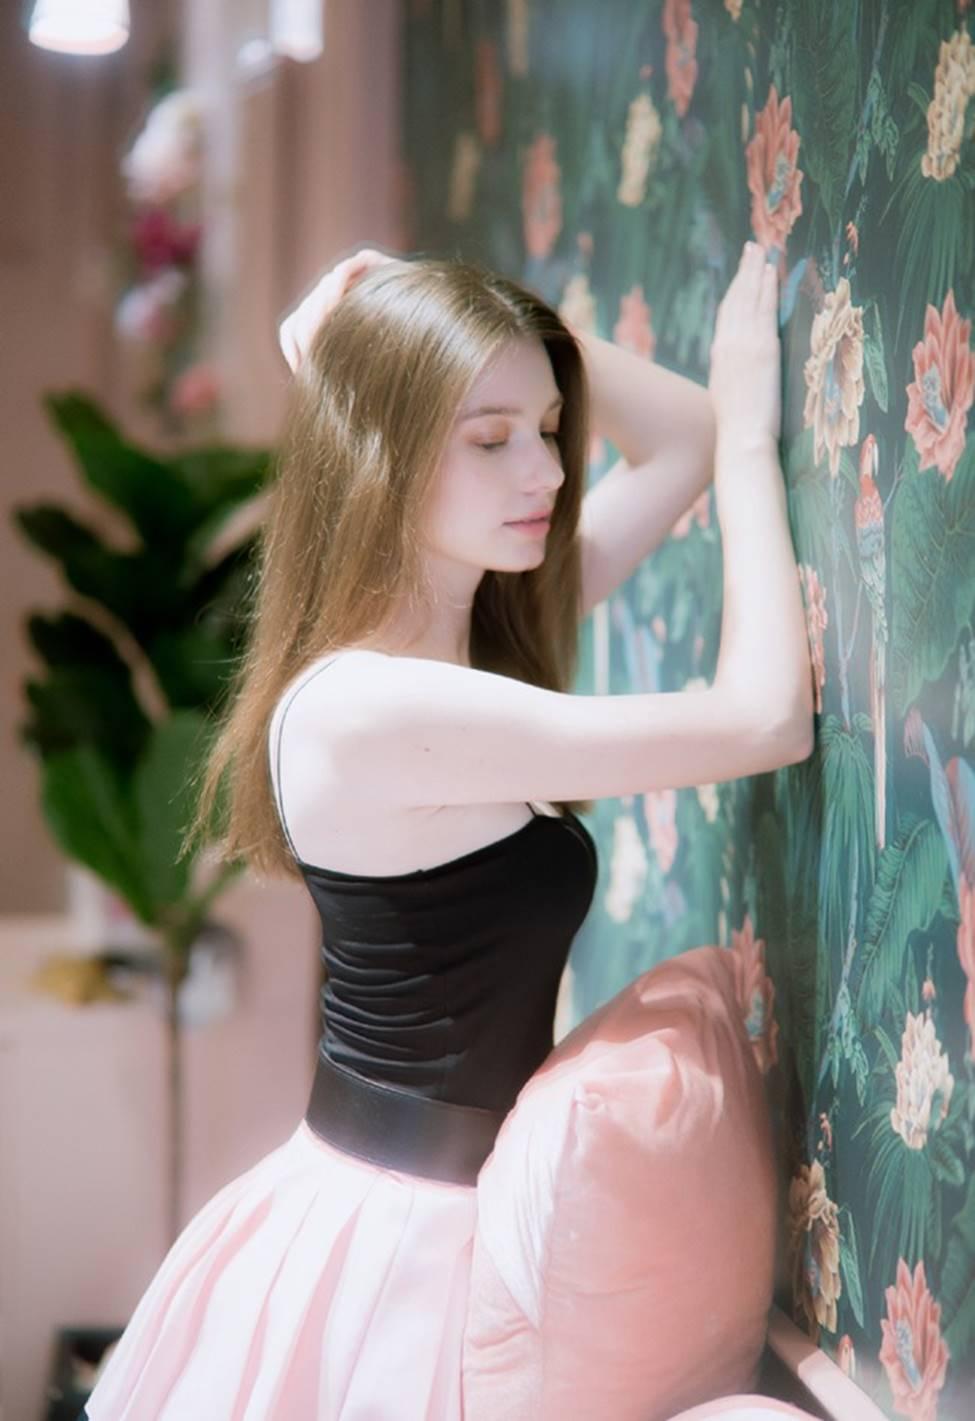 Vẻ đẹp của tiên nữ Đông Âu đang khiến thanh niên châu Á phát cuồng-15